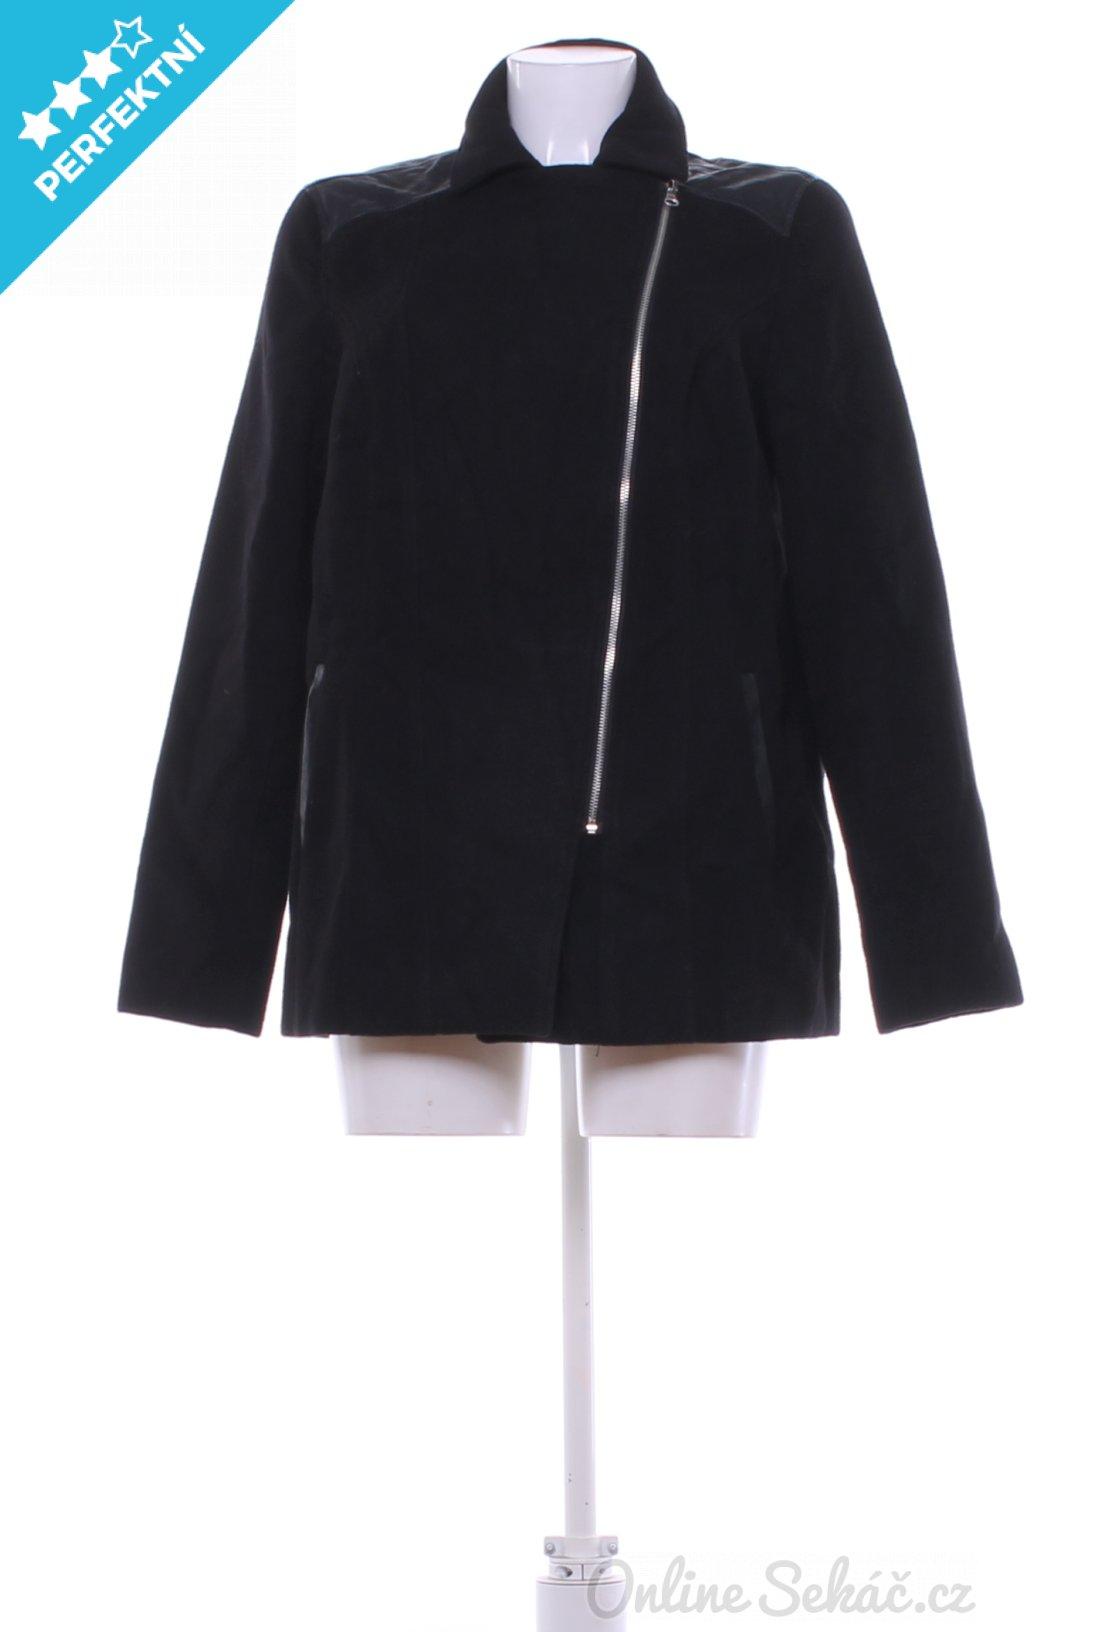 b0aa3aba7 Second hand   Dámský jarní či podzimní kabát RAINBOW L